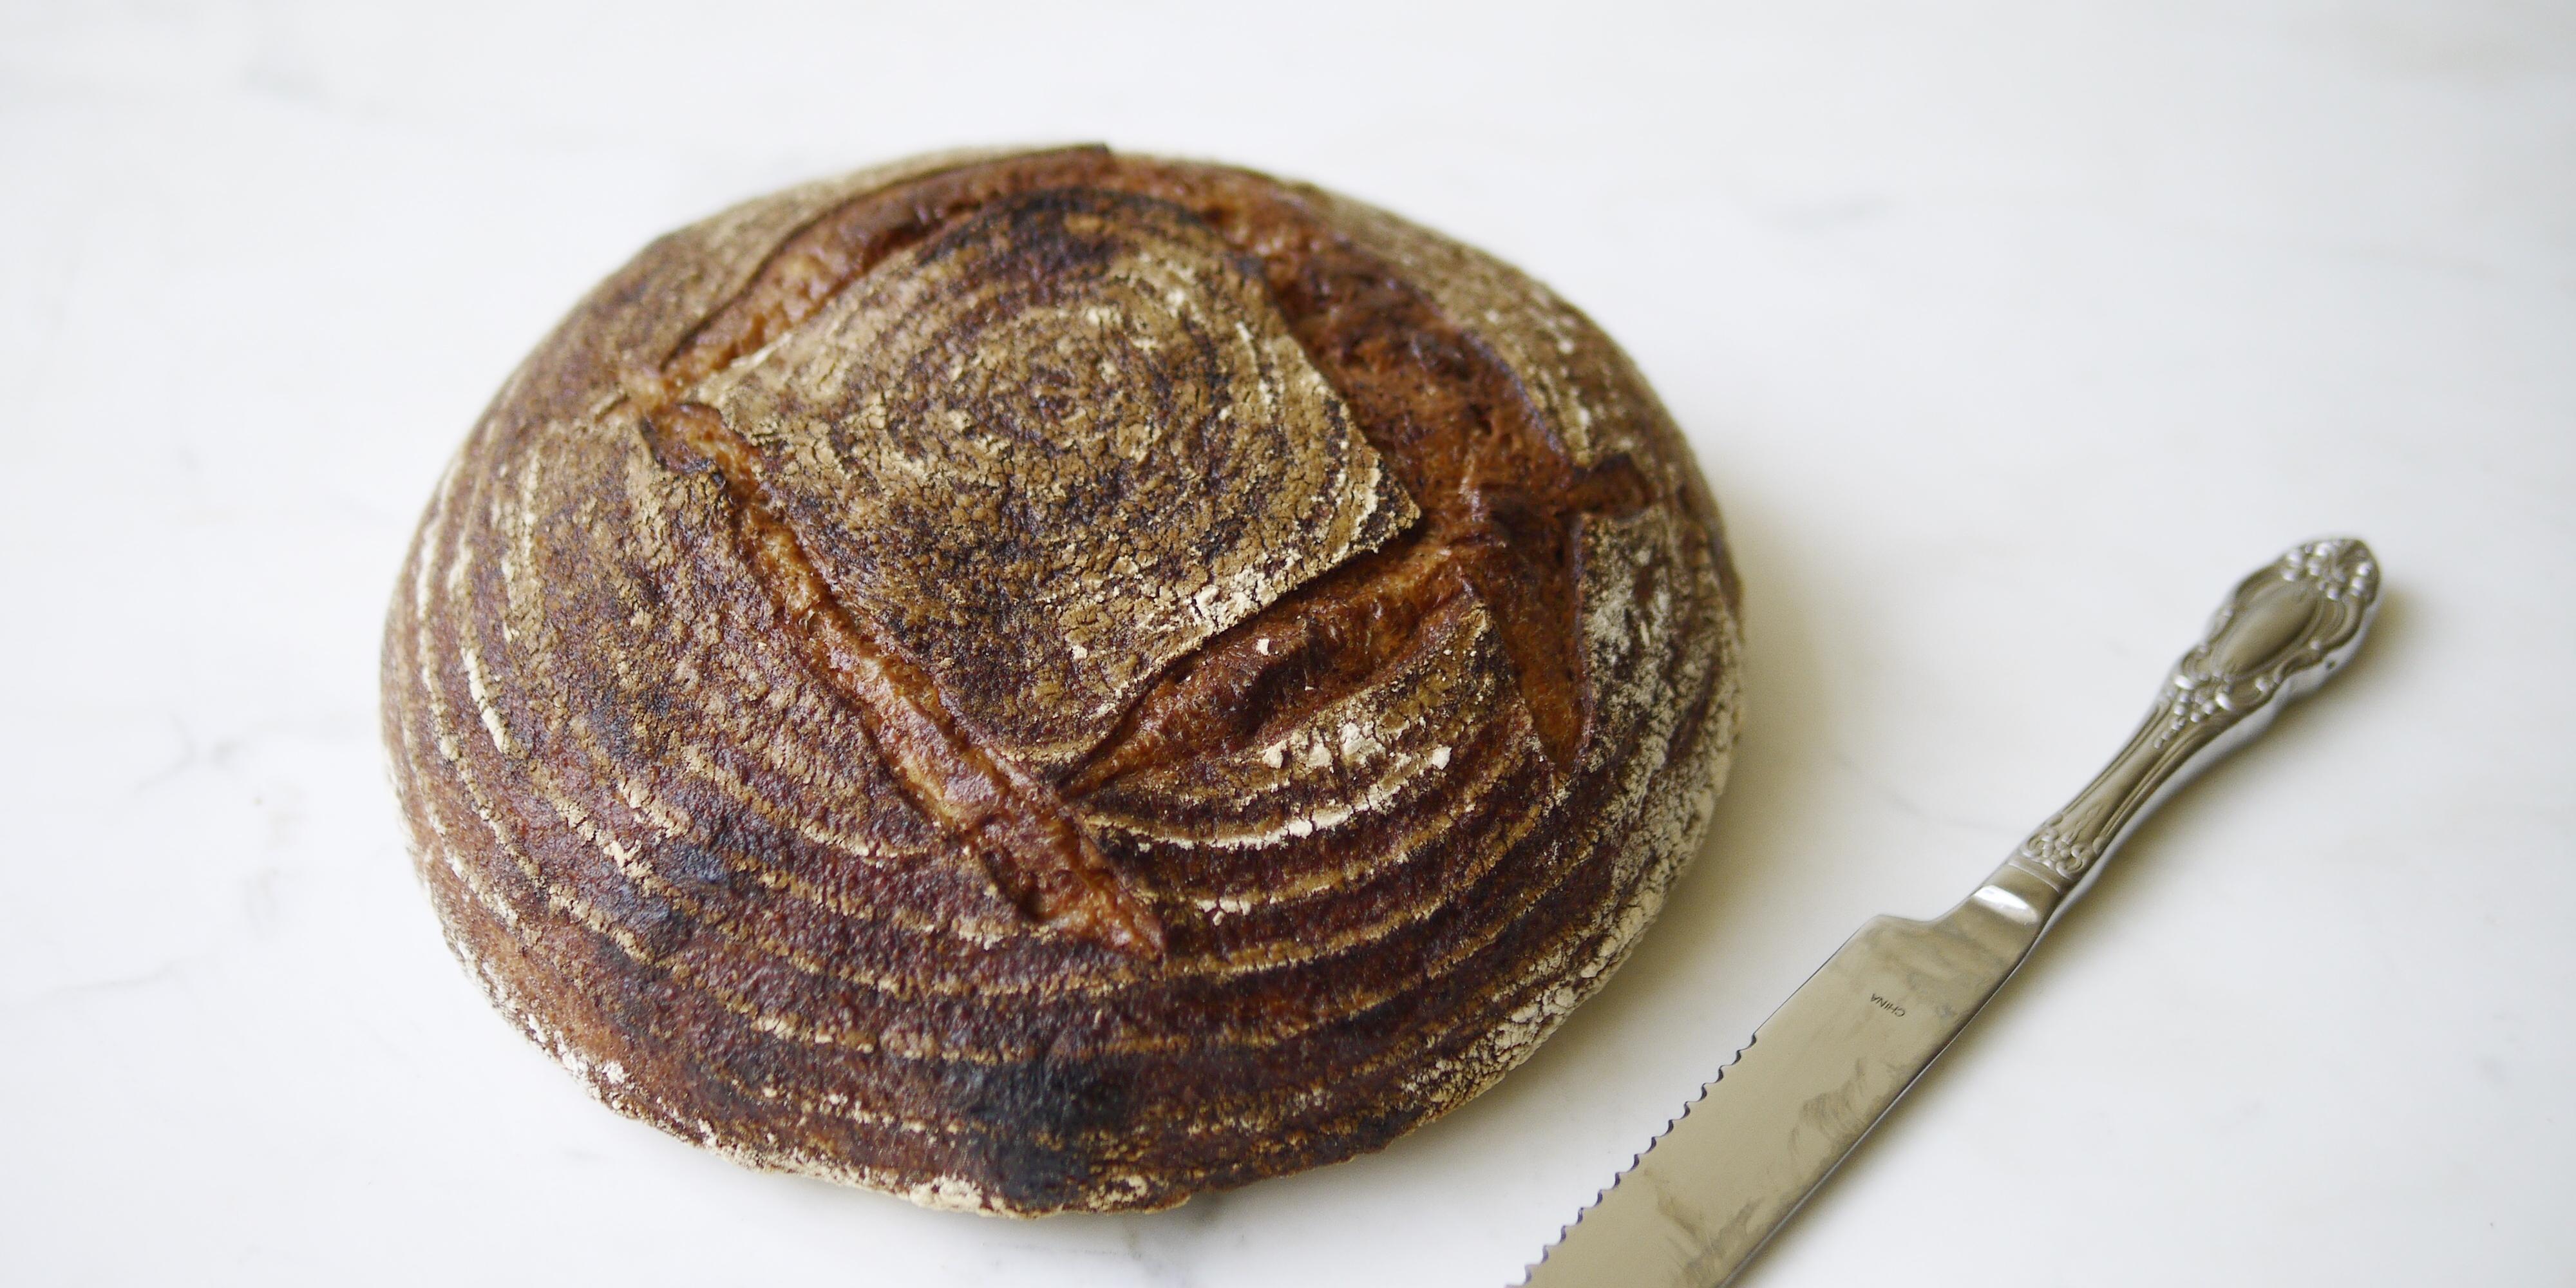 Matchstick Sourdough Bread